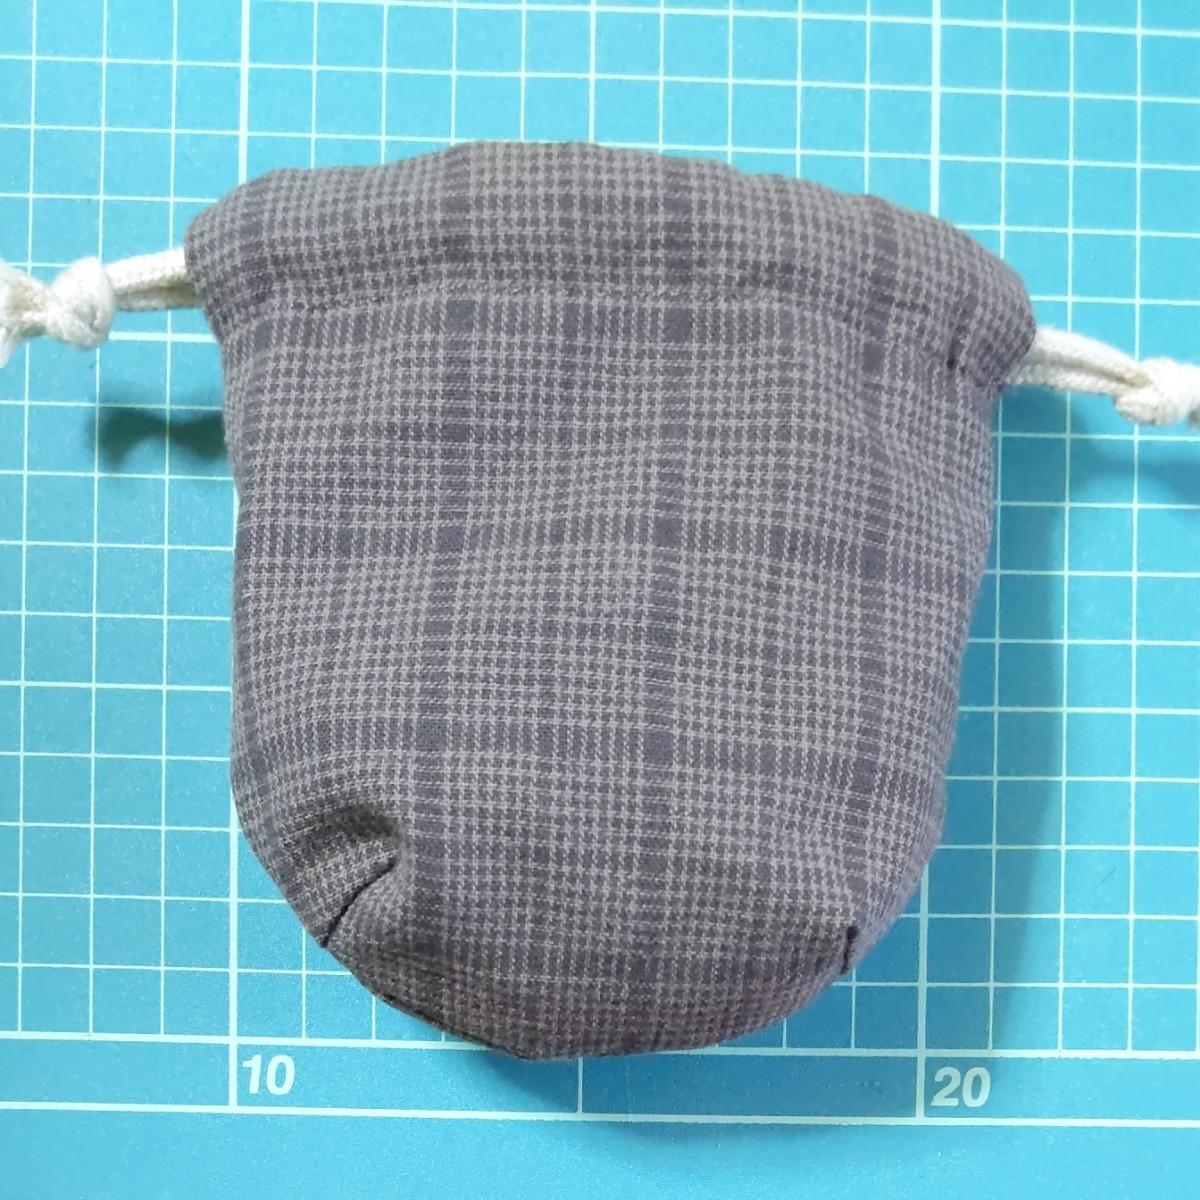 ハンドメイド マチ付きミニミニ巾着袋